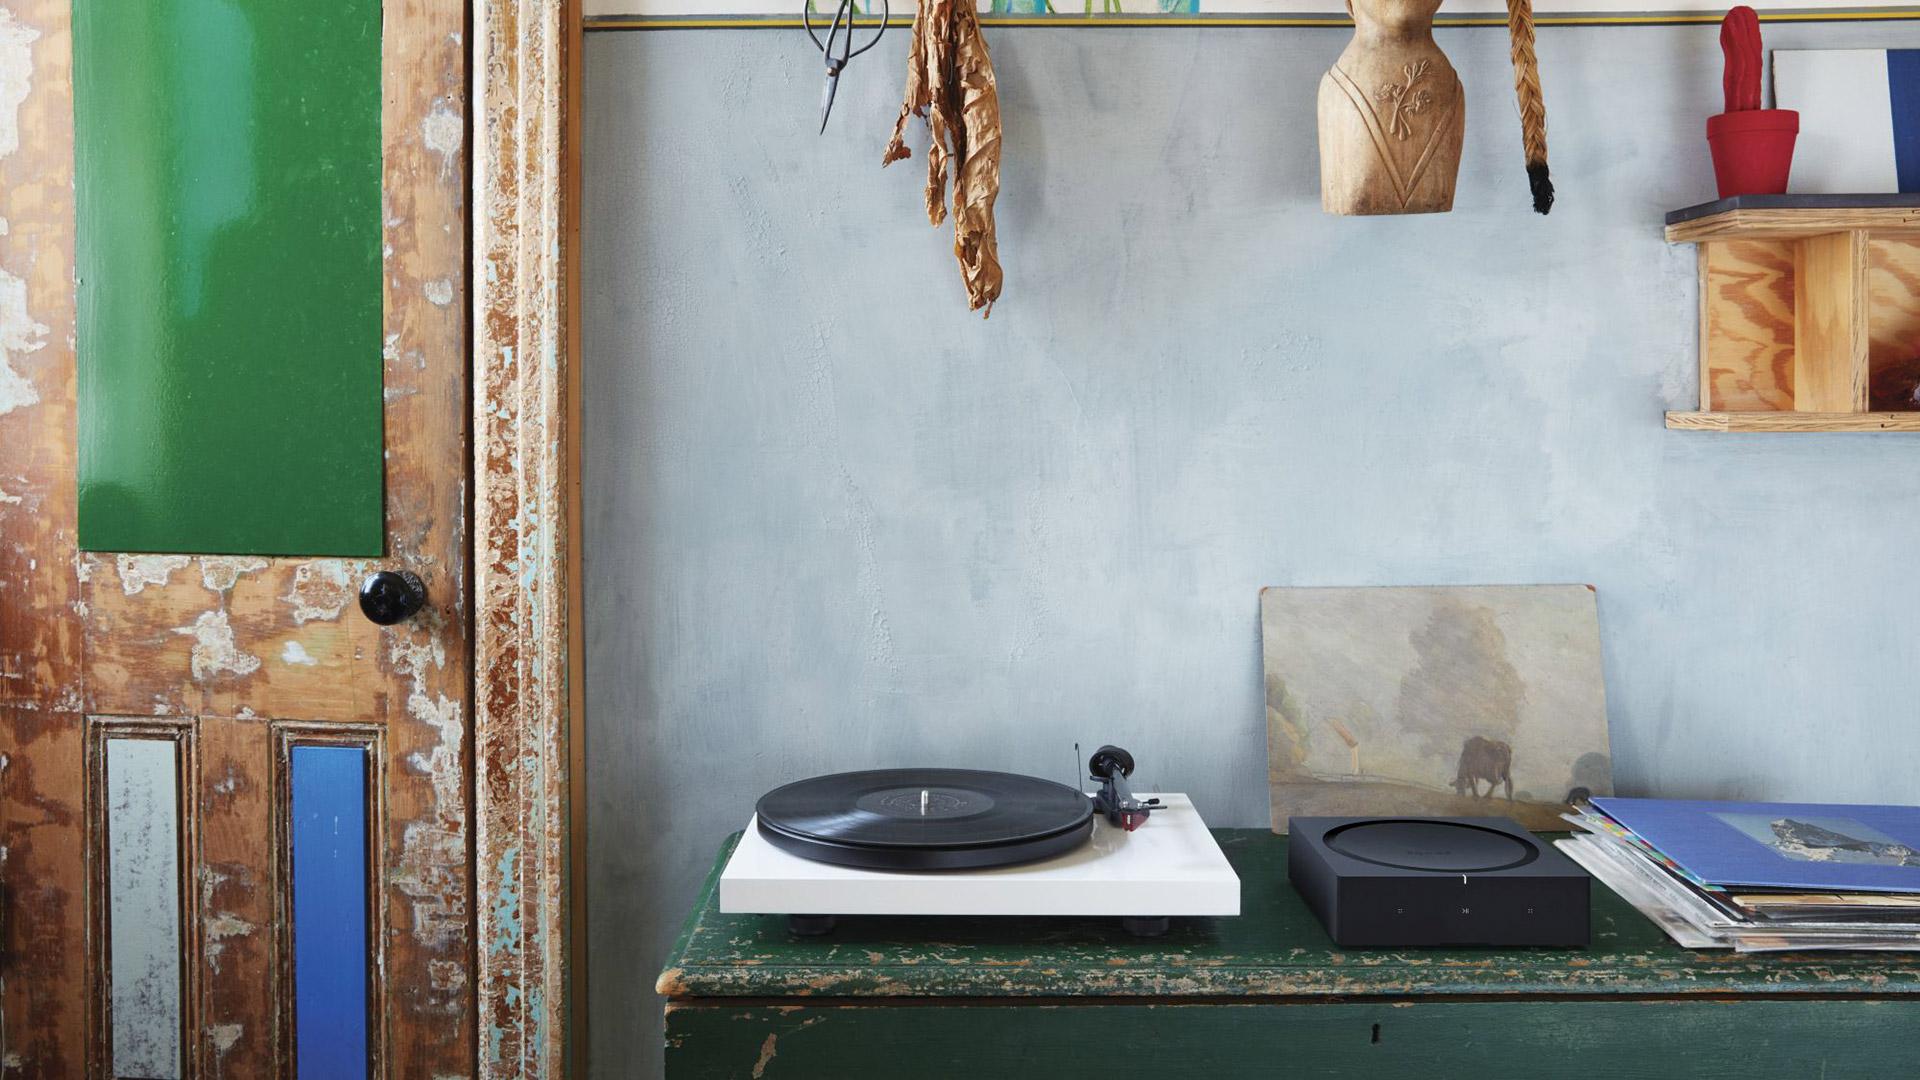 sonos amp neuer verst rker erm glicht streaming auf alten lautsprechern allround. Black Bedroom Furniture Sets. Home Design Ideas